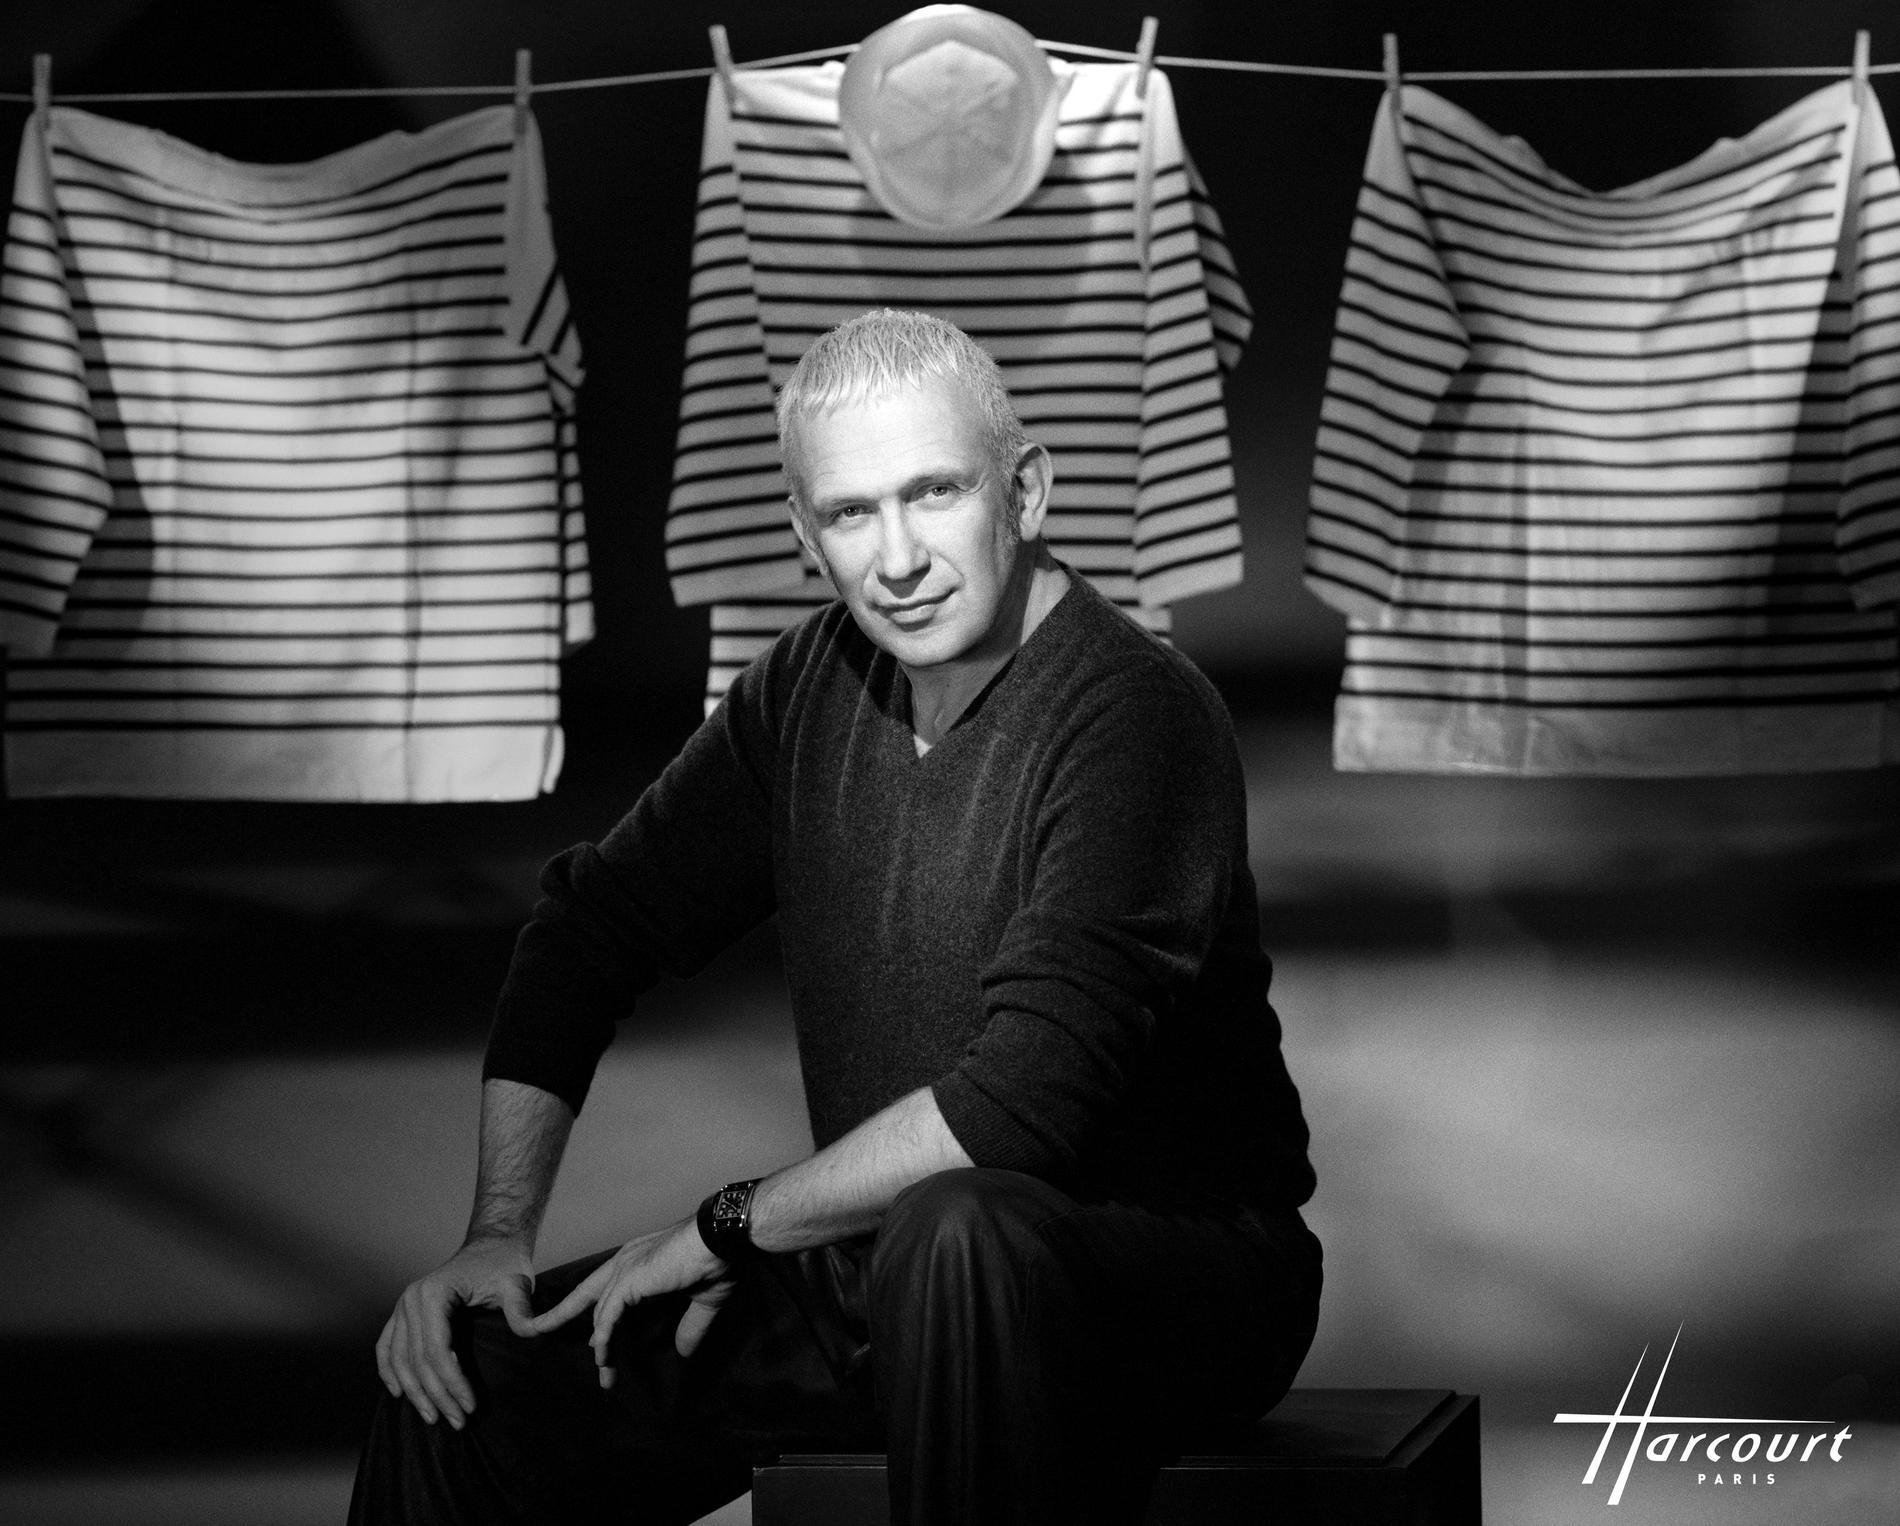 Jean-Paul Gaultier avec ses marinières photographié par le studio Harcourt